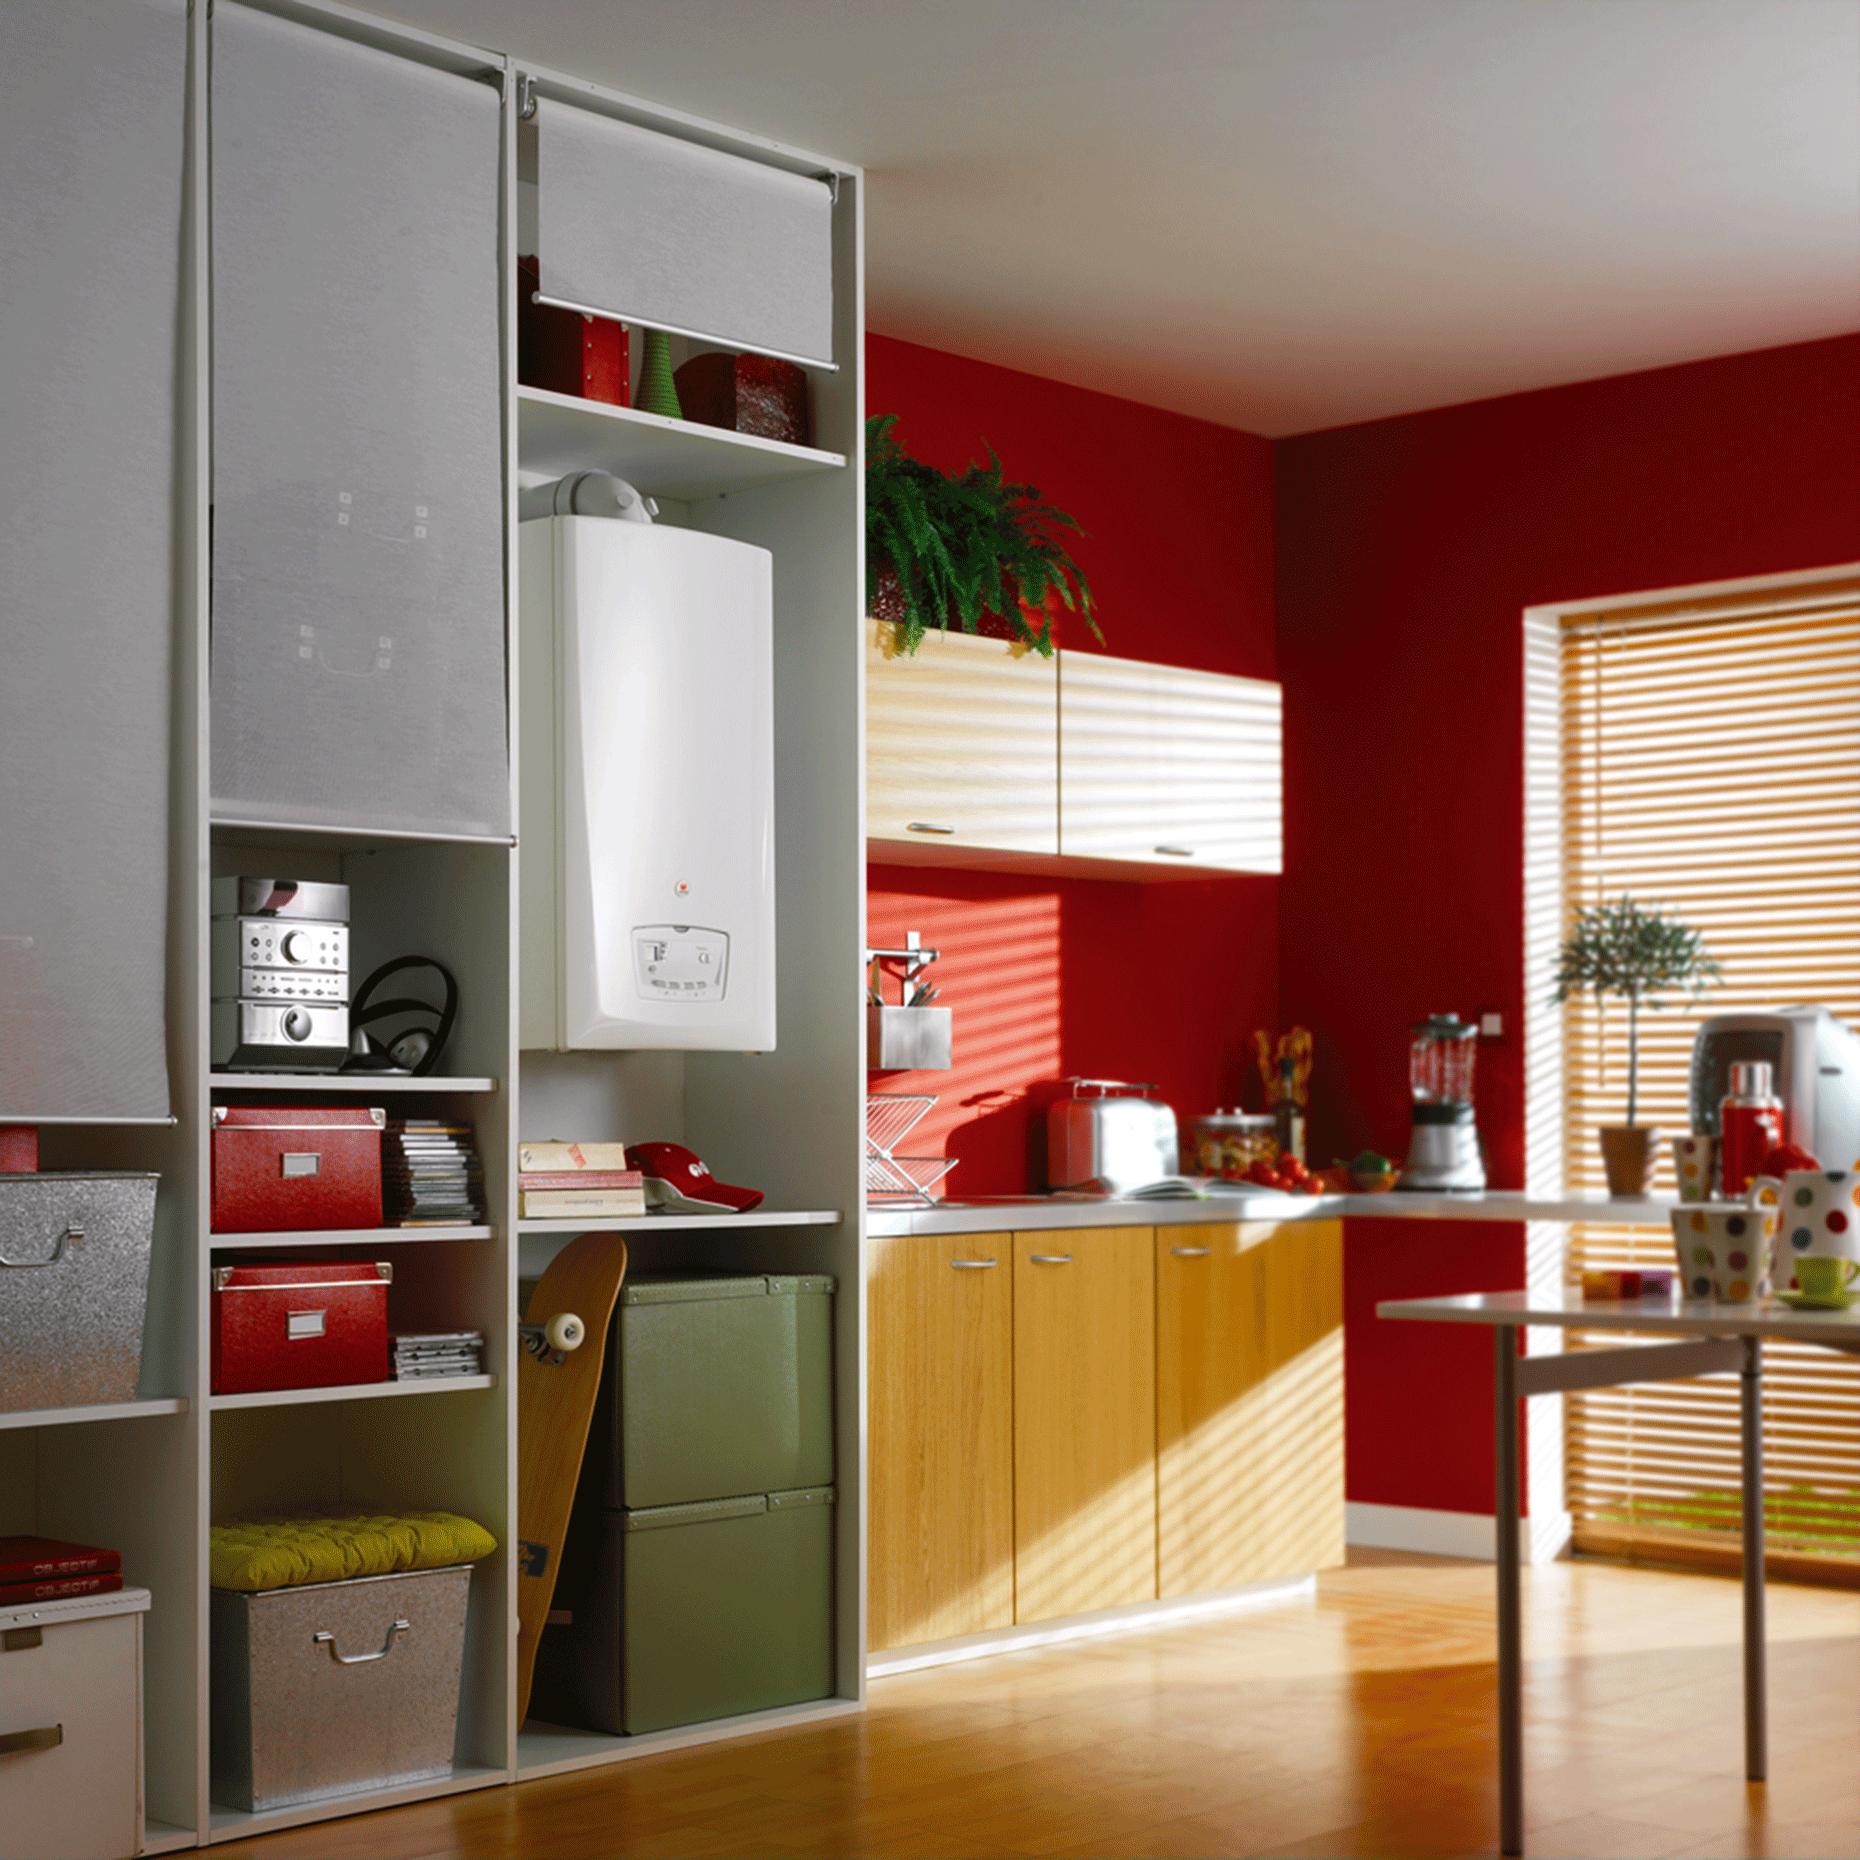 Thema as saunier duval sp cialiste expert et - Comment cacher une chaudiere dans une cuisine ...